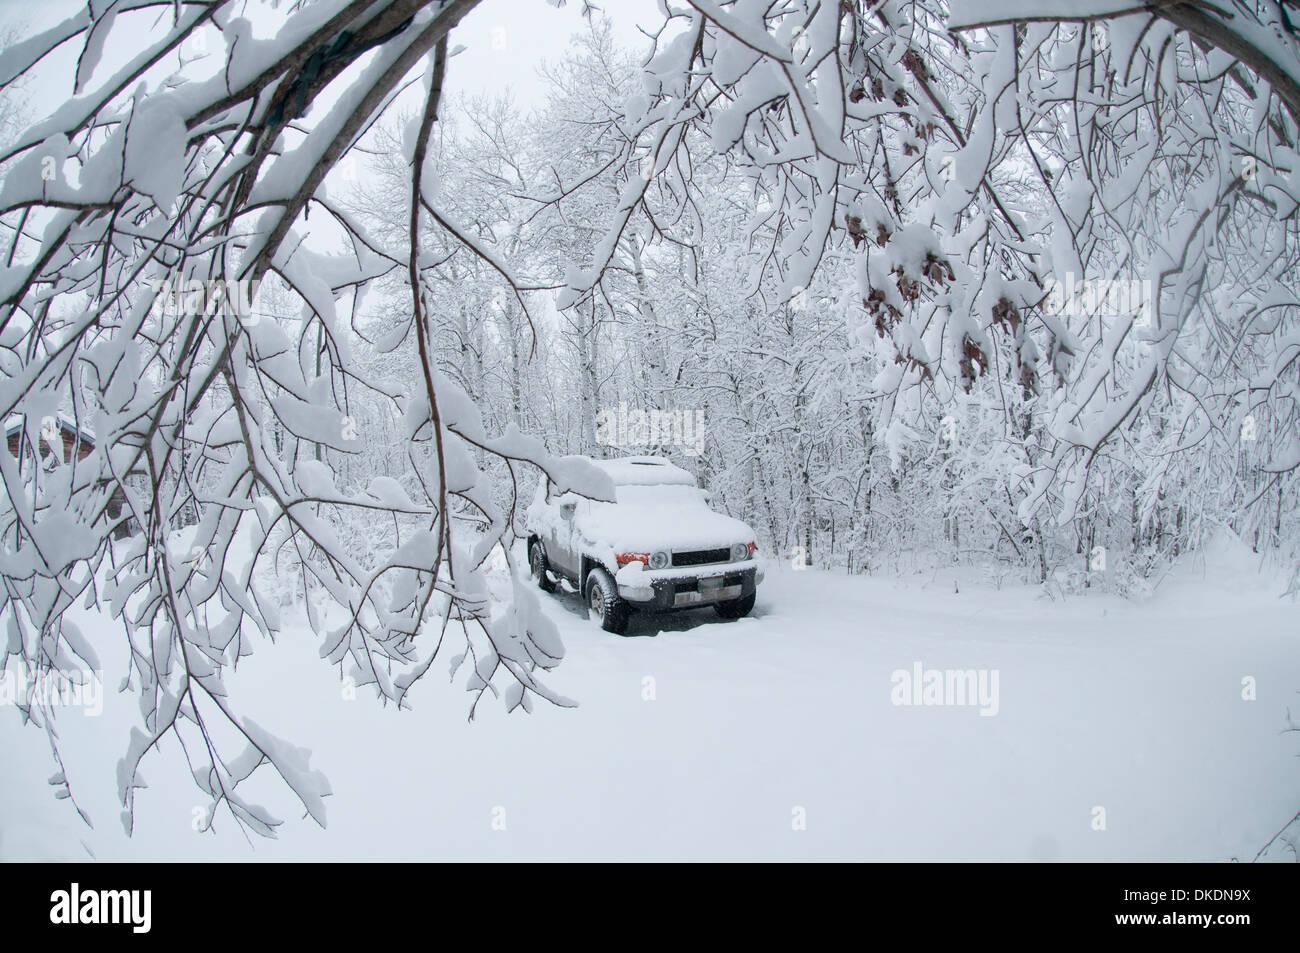 Un parking couvert de neige est assis sous un dais d'arbres couverts de neige après un blizzard Banque D'Images